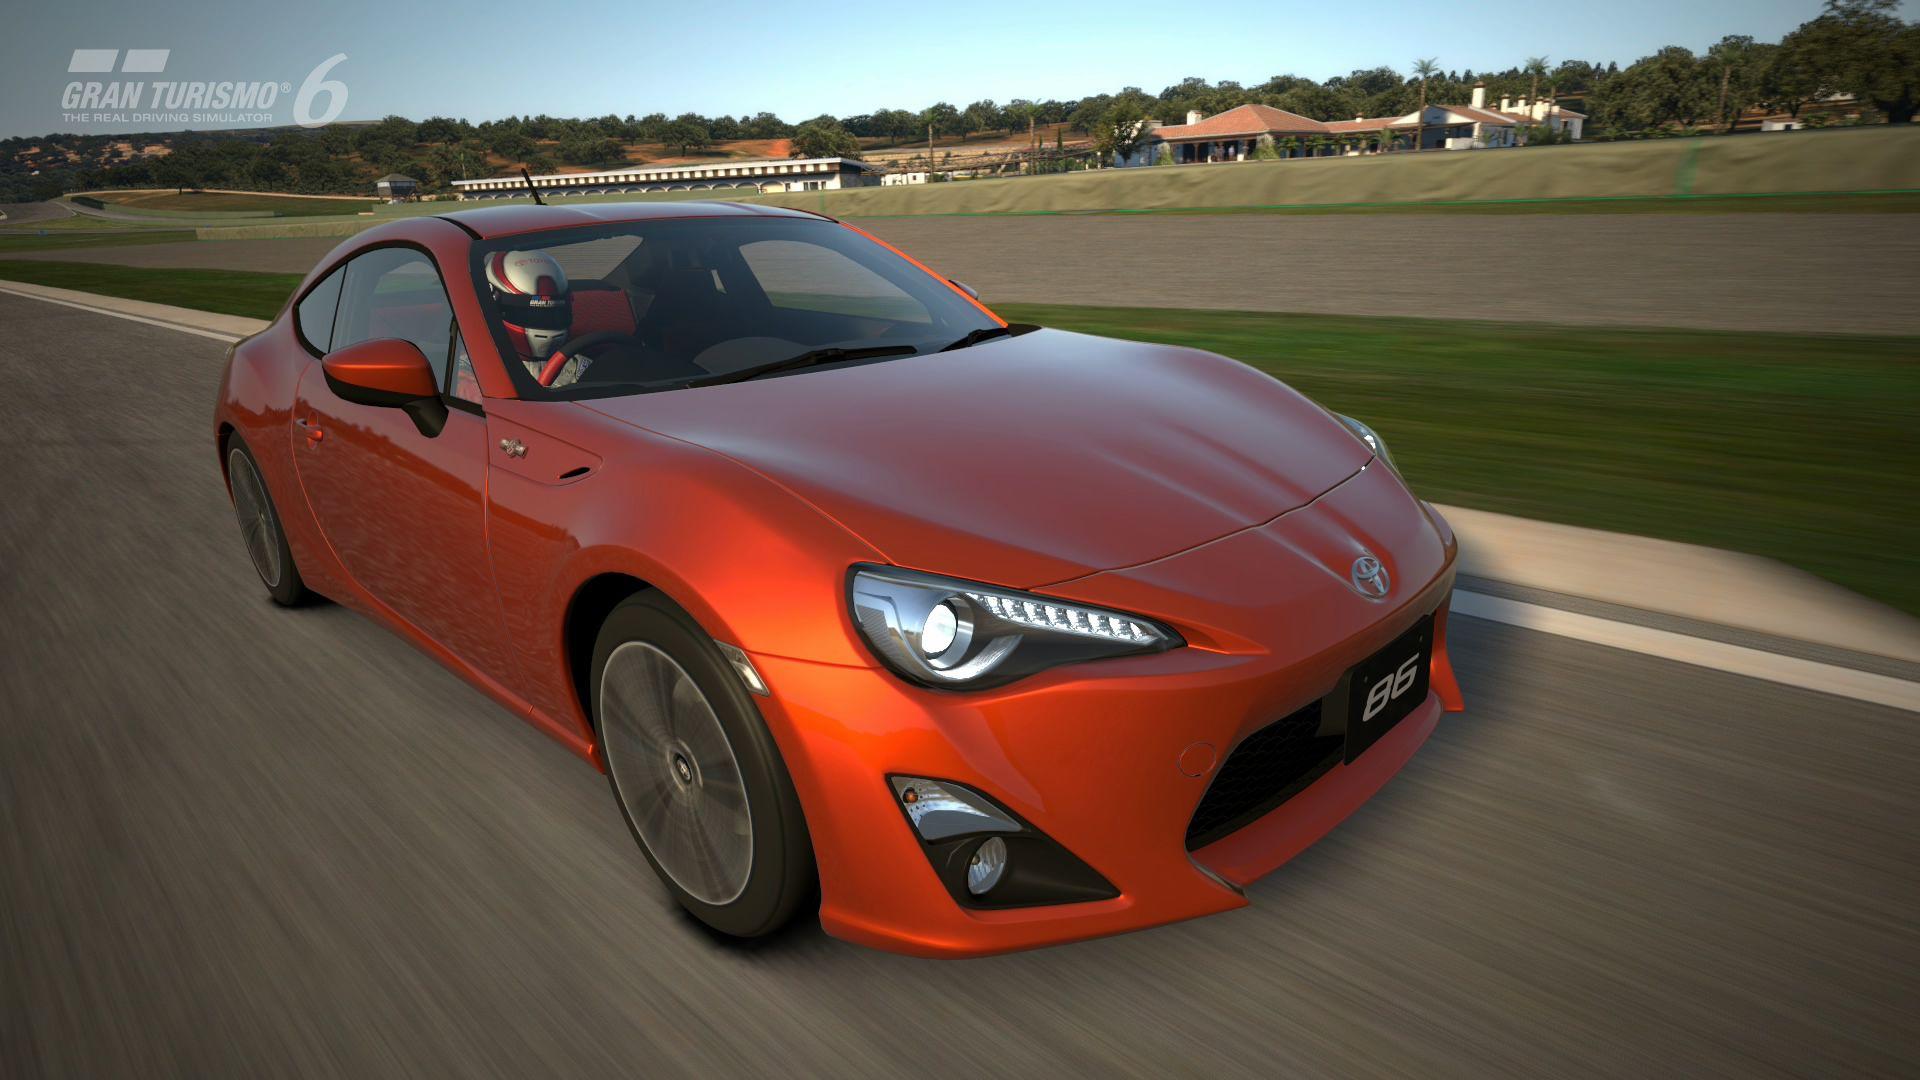 14c5c87f77259e2d59dc127e377bb1e9 Fascinating Gran Turismo Psp Bugatti Veyron Price Cars Trend